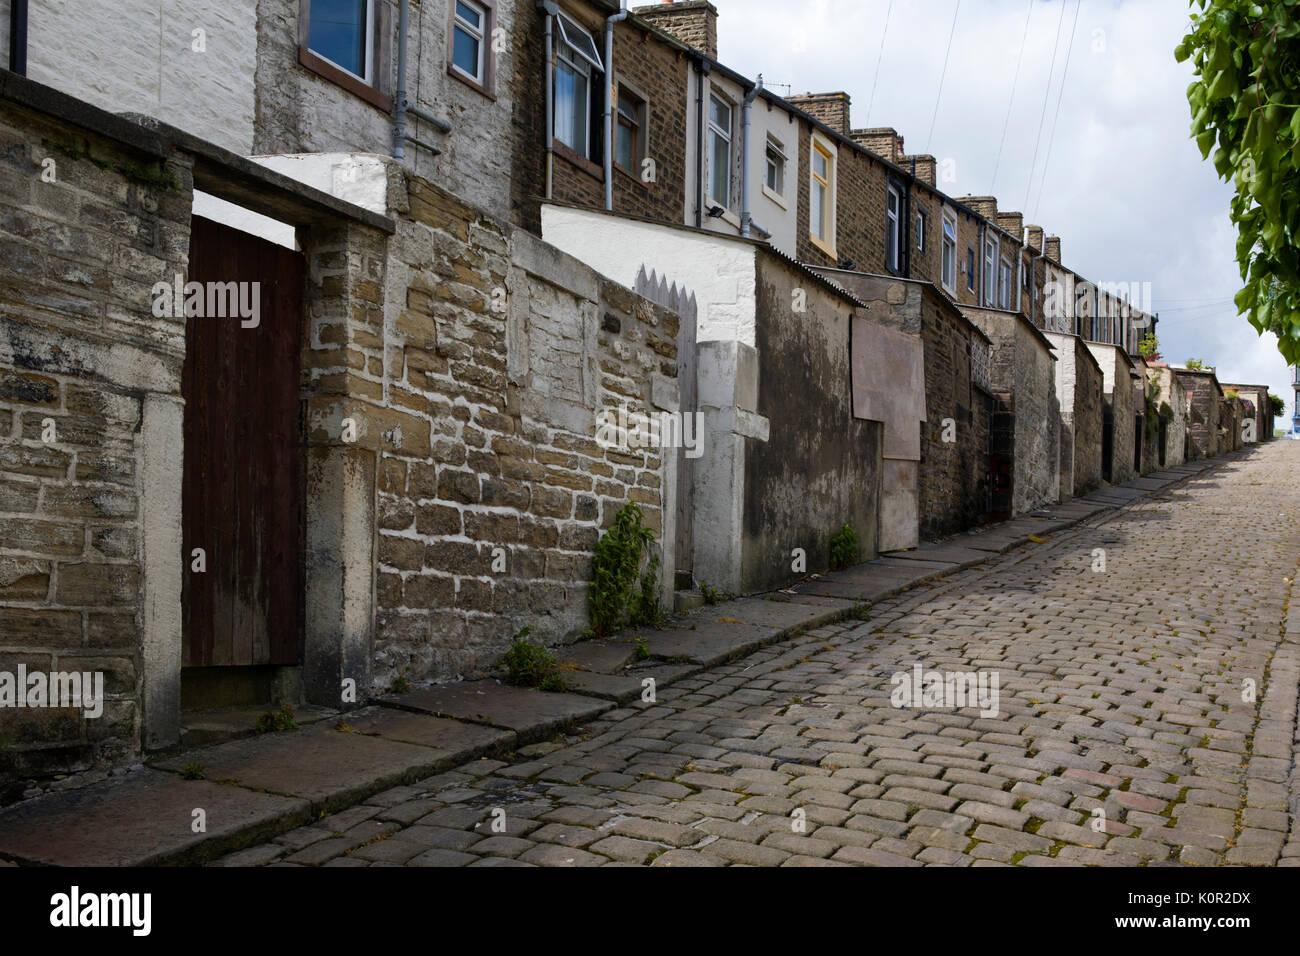 Back lane of Basil Street, Colne, Lancs, England, UK - Stock Image